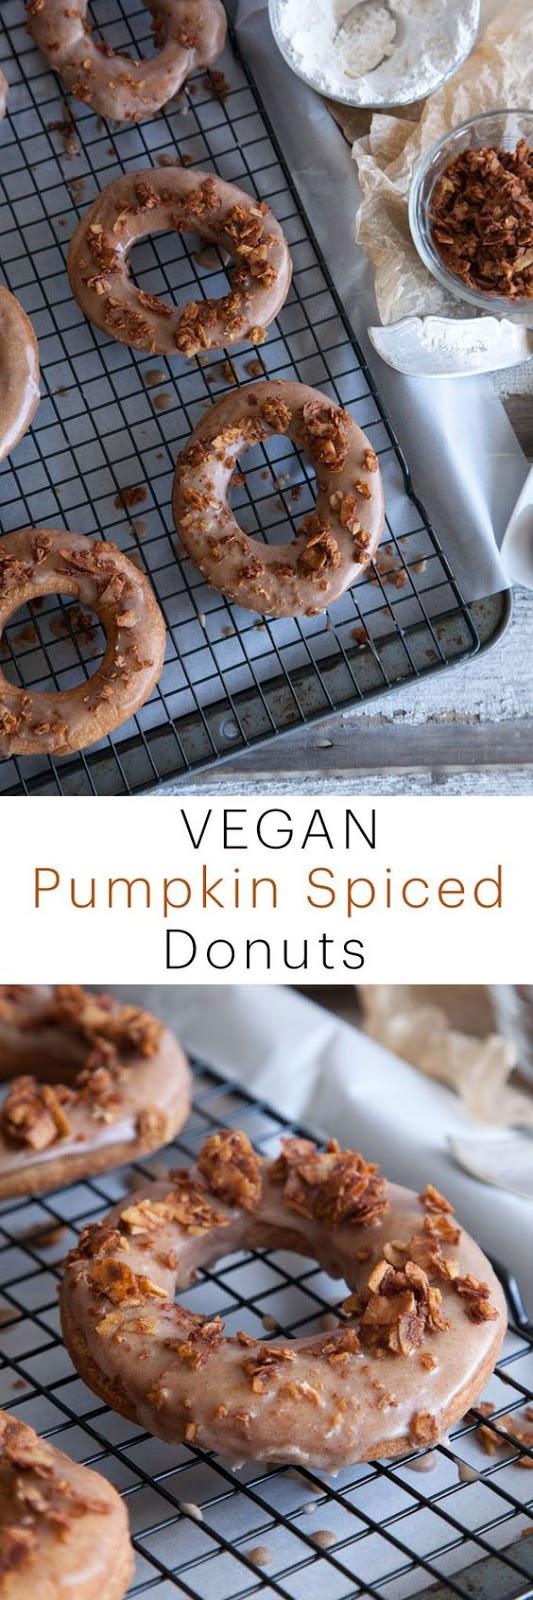 Vegan Pumpkin Spice Donuts Recipe